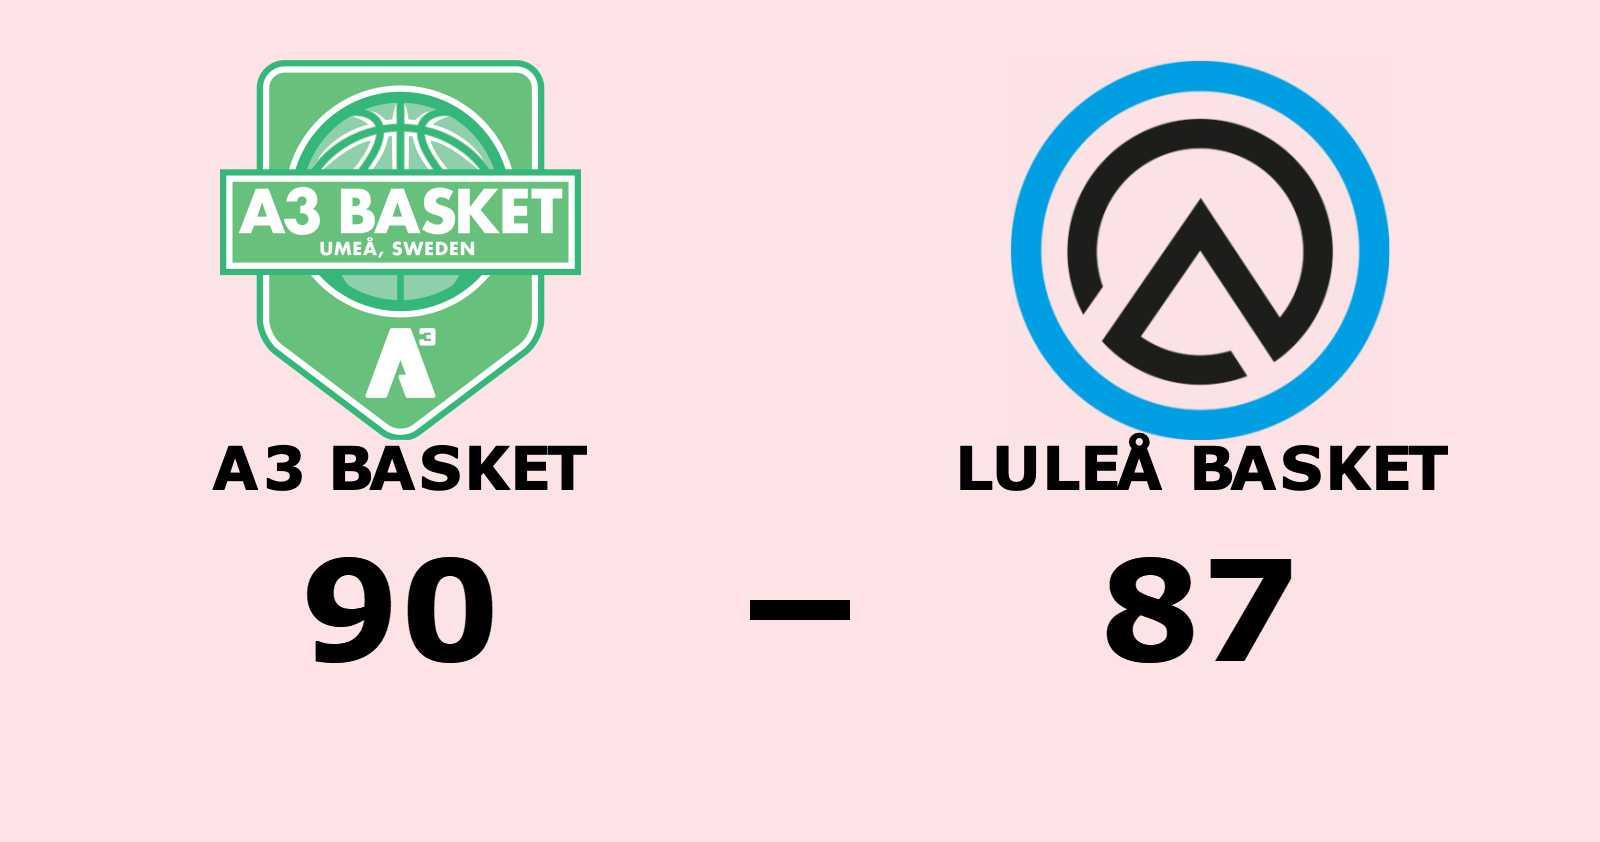 A3 Basket vann och kvitterade mot Luleå Basket